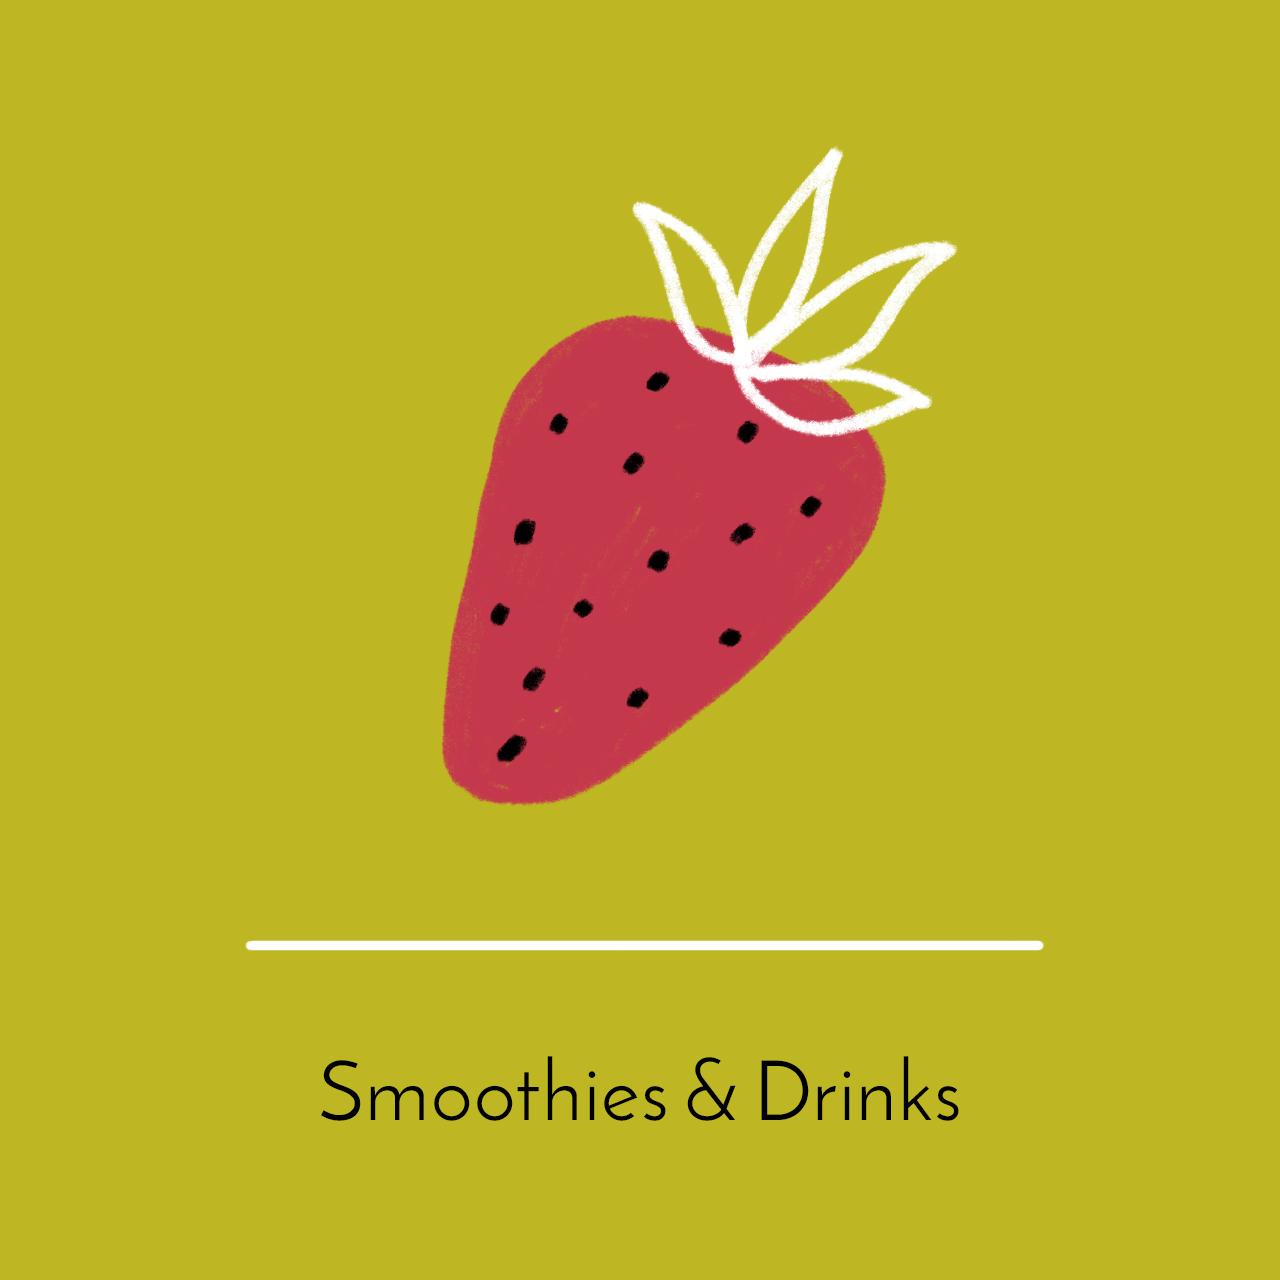 smoothies.jpg